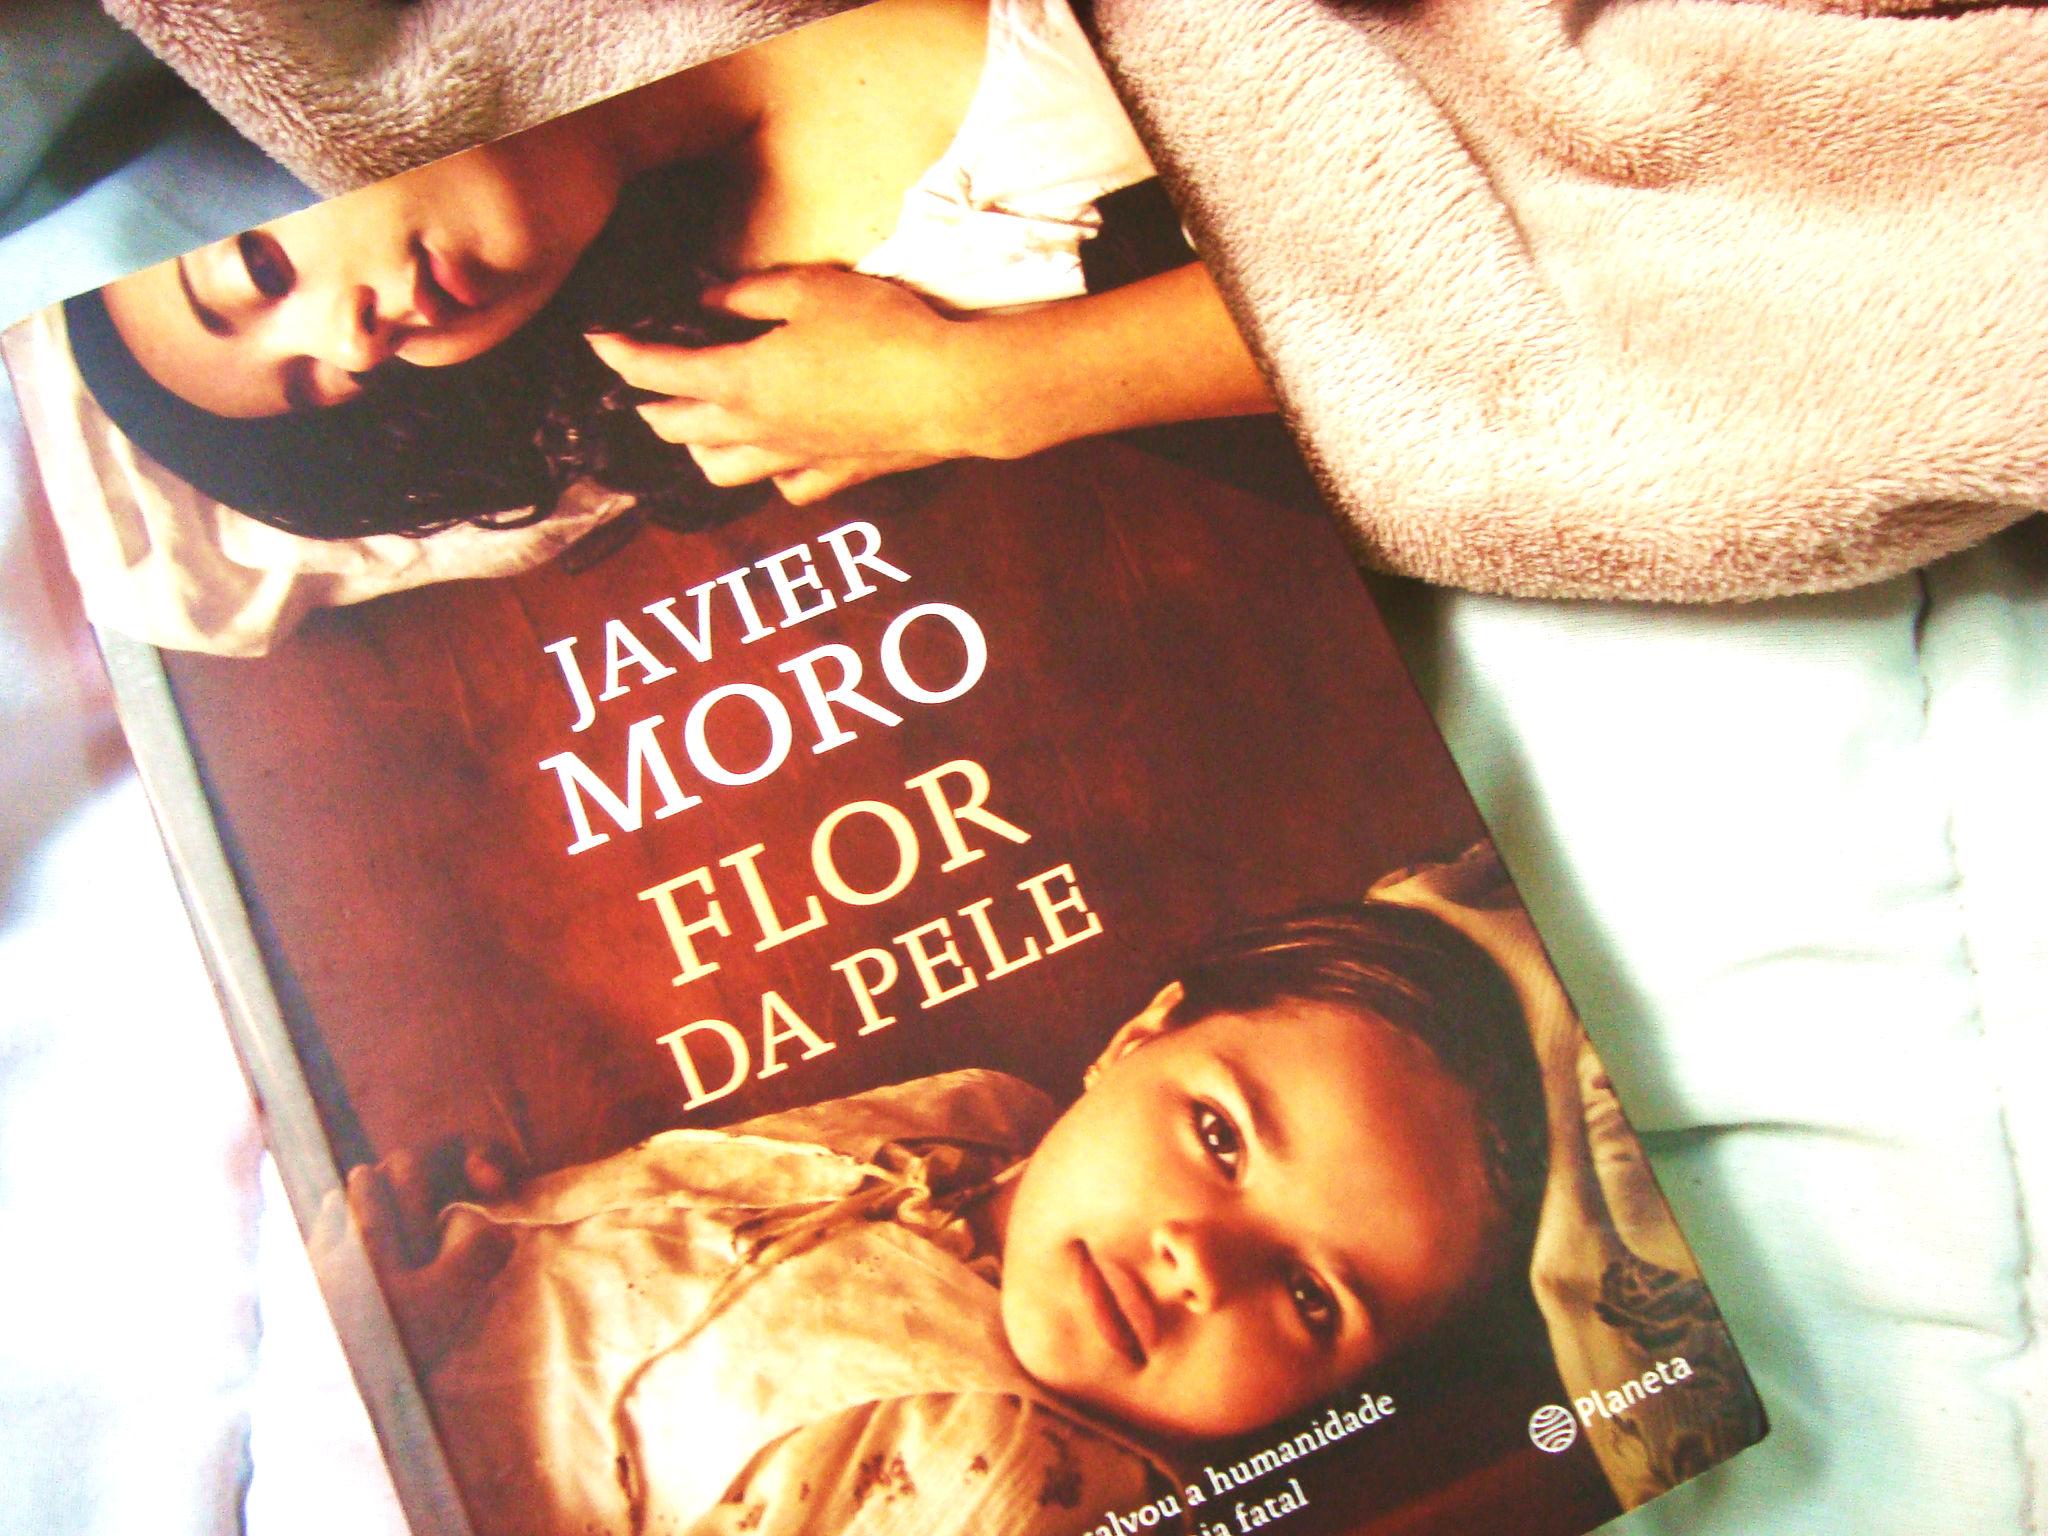 Capa do livro Flor da Pele - Javier Moro